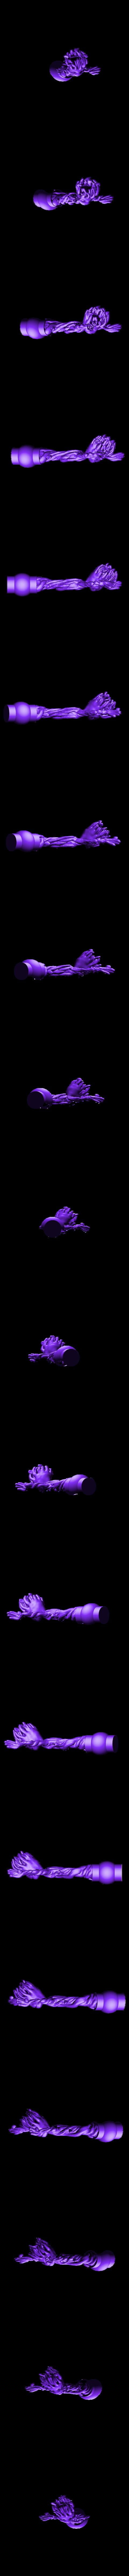 Dual_Extruder_only_groot_2.stl Télécharger fichier STL gratuit Groot dansant • Design pour impression 3D, Tarnliare